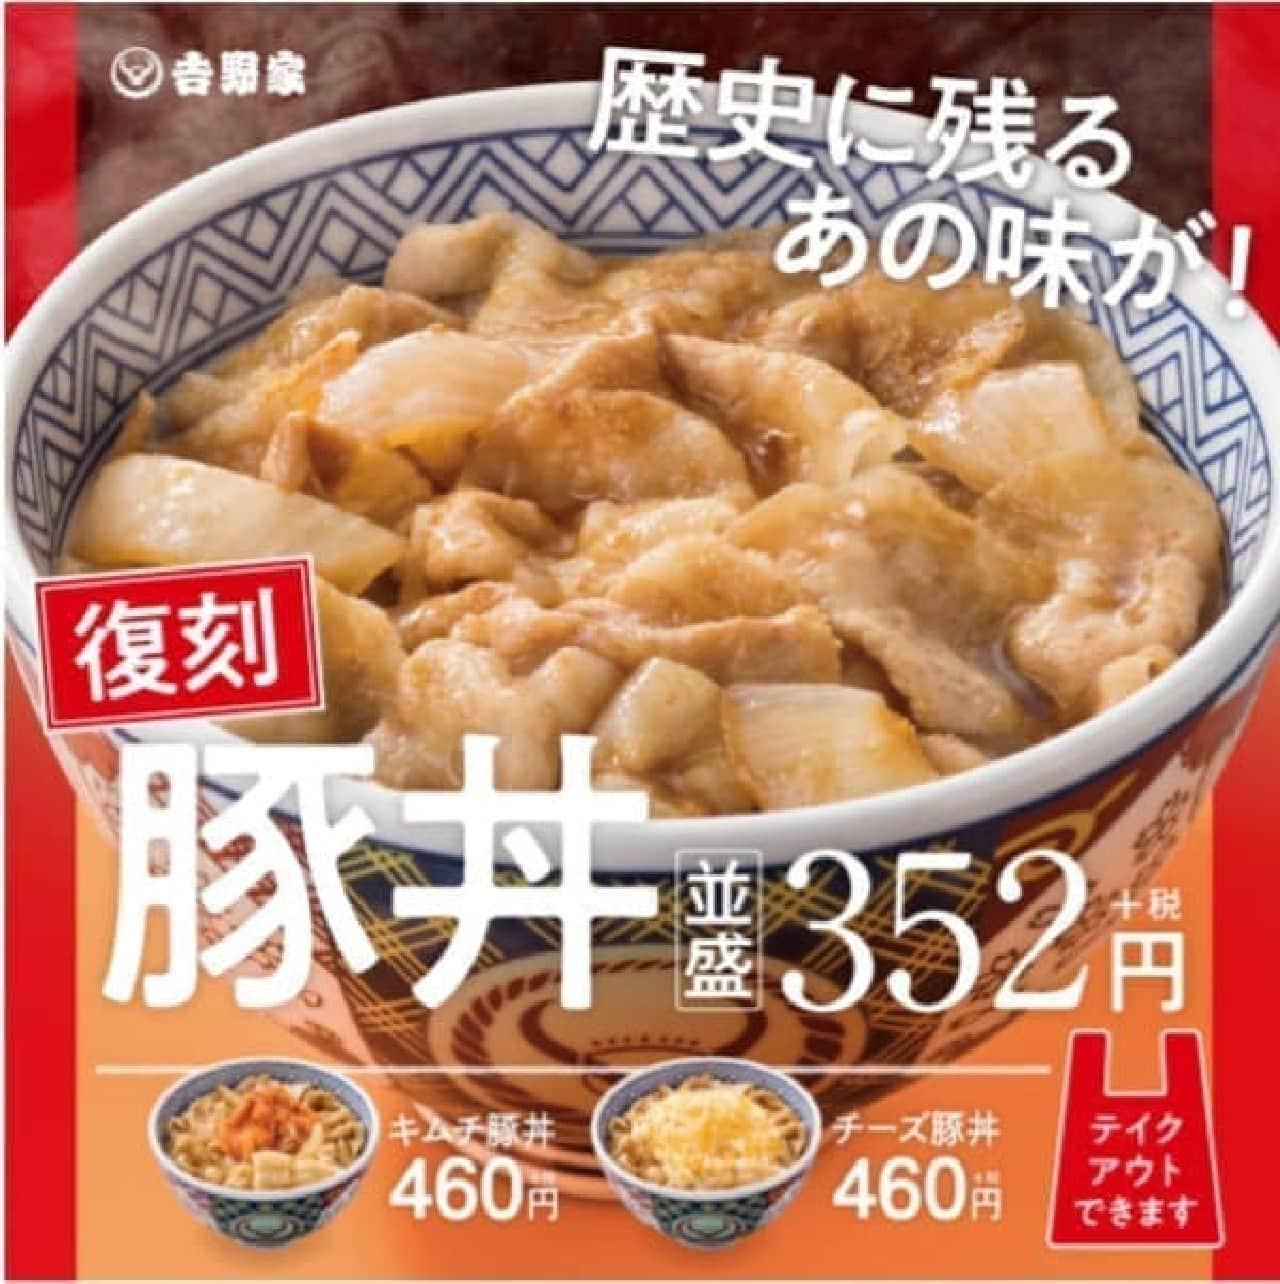 吉野家「豚丼」復刻販売